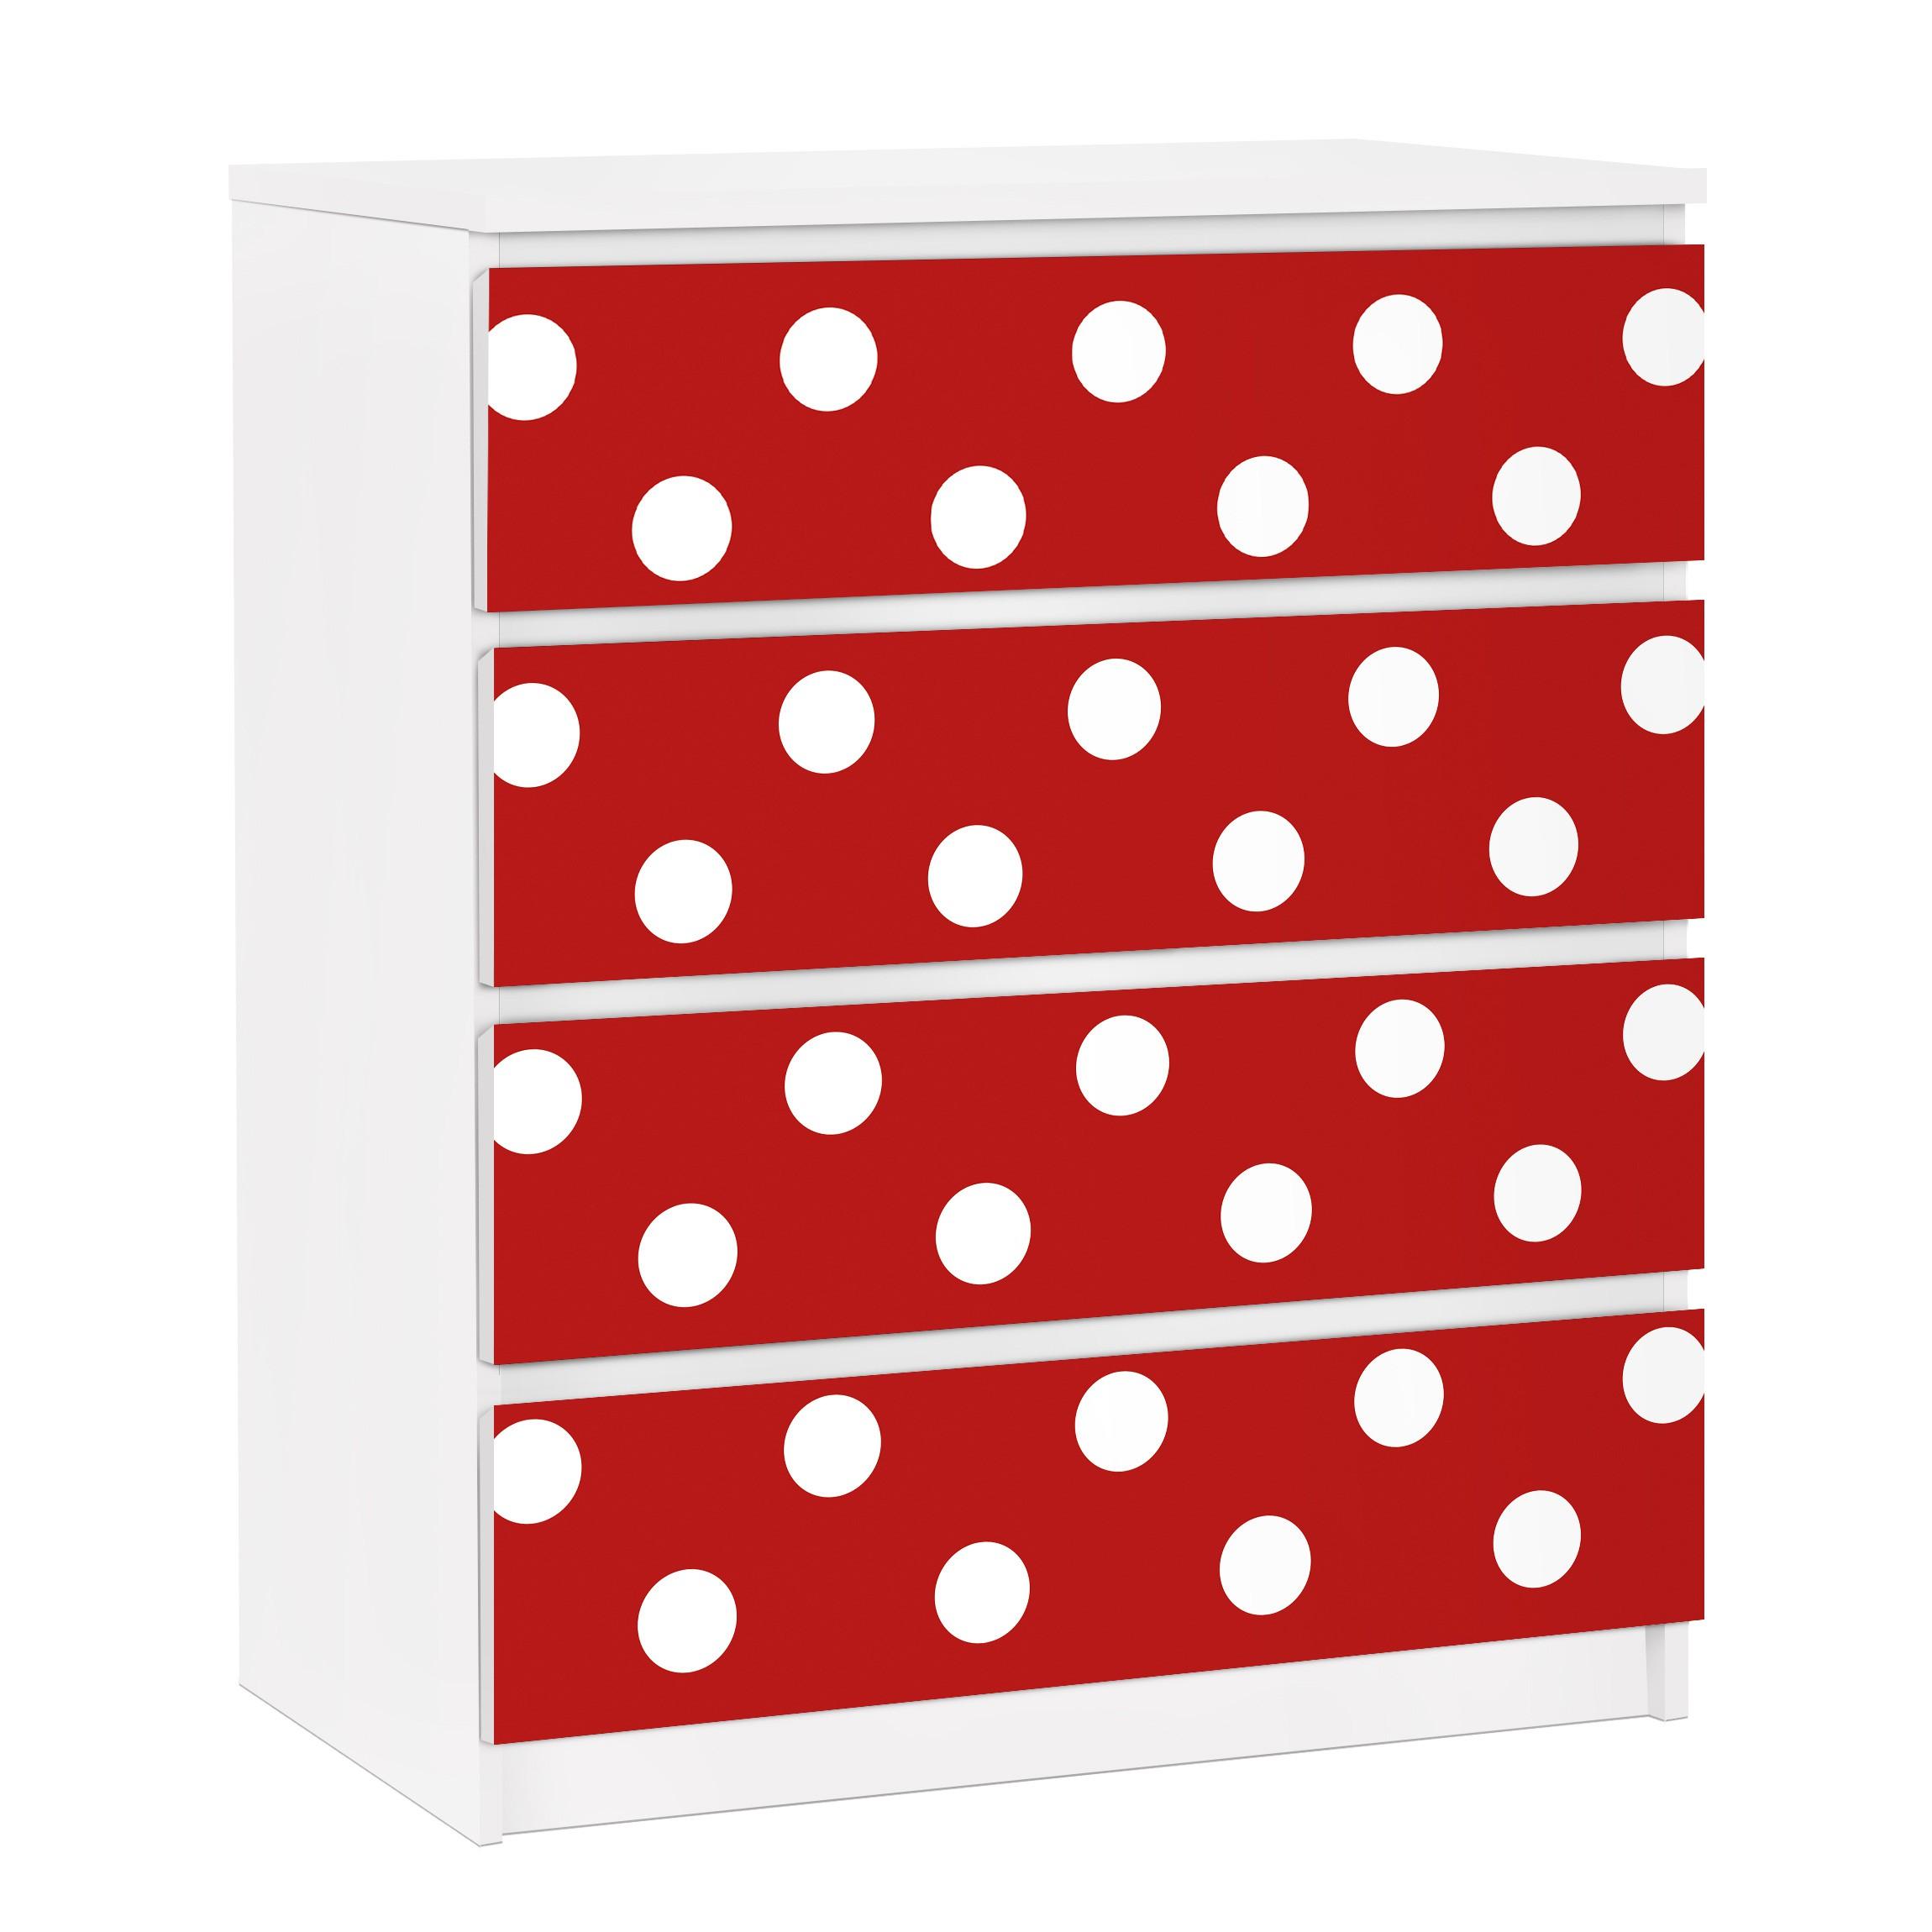 Carta adesiva per mobili ikea malm cassettiera 4xcassetti no ds92 dot design girly red - Cassettiera malm ikea 4 cassetti ...